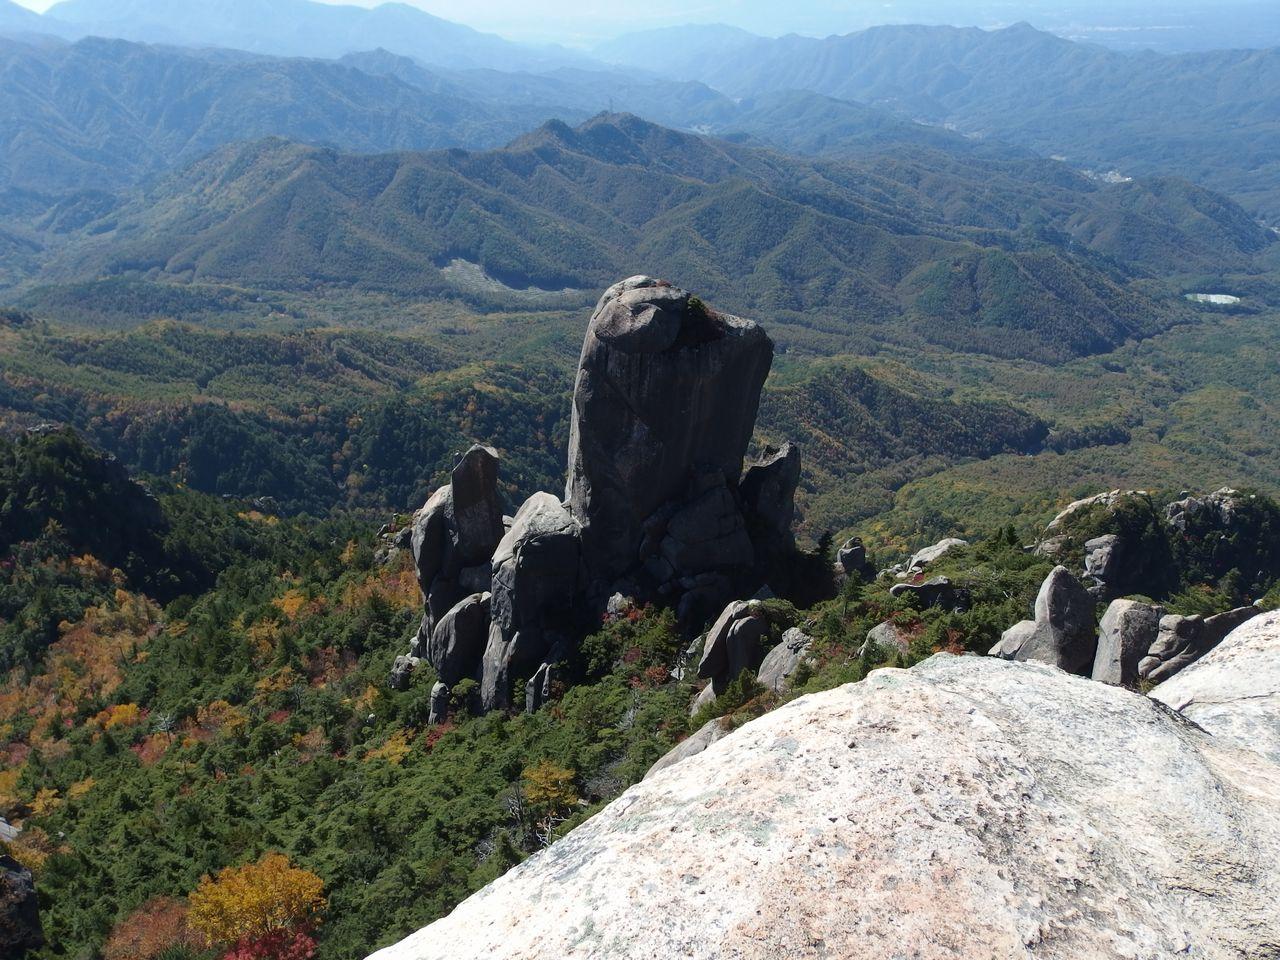 瑞牆山の山頂から見た大ヤスリ岩